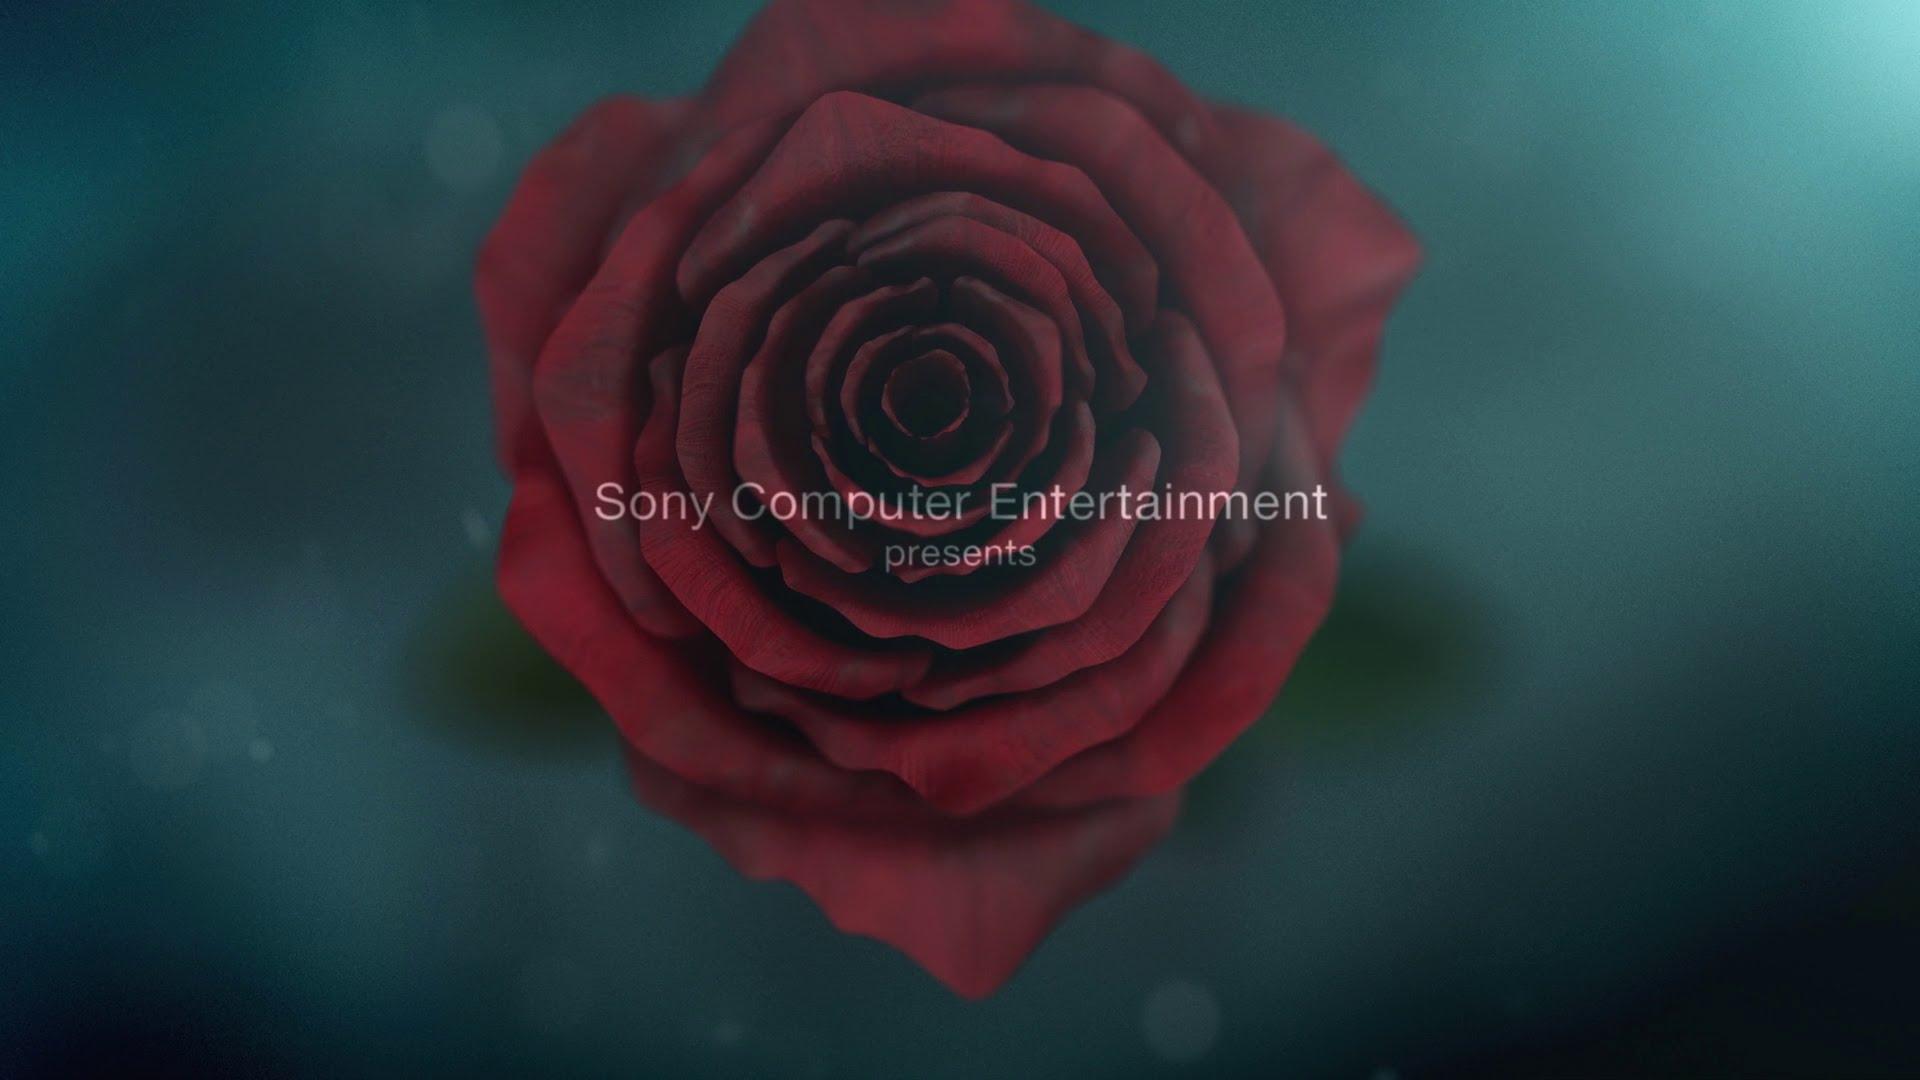 ロマンスは一転、恐怖の惨劇へ『Until Dawn -惨劇の山荘-』バレンタイントレーラー公開